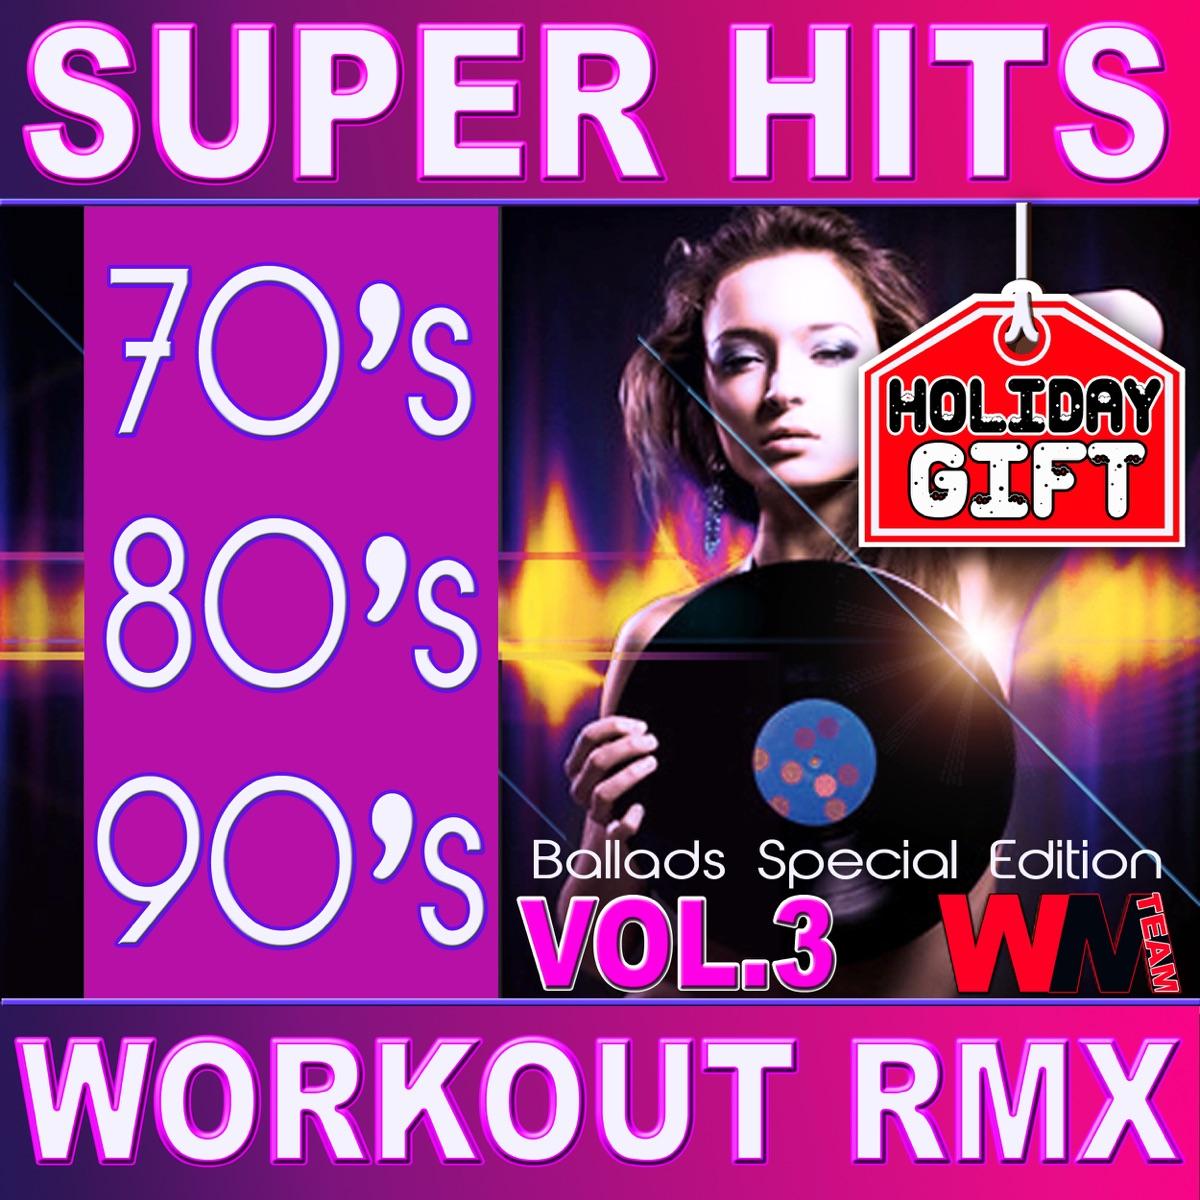 70's 80's 90's Super Hits Workout Remix Vol 3 Ballads Edition Album